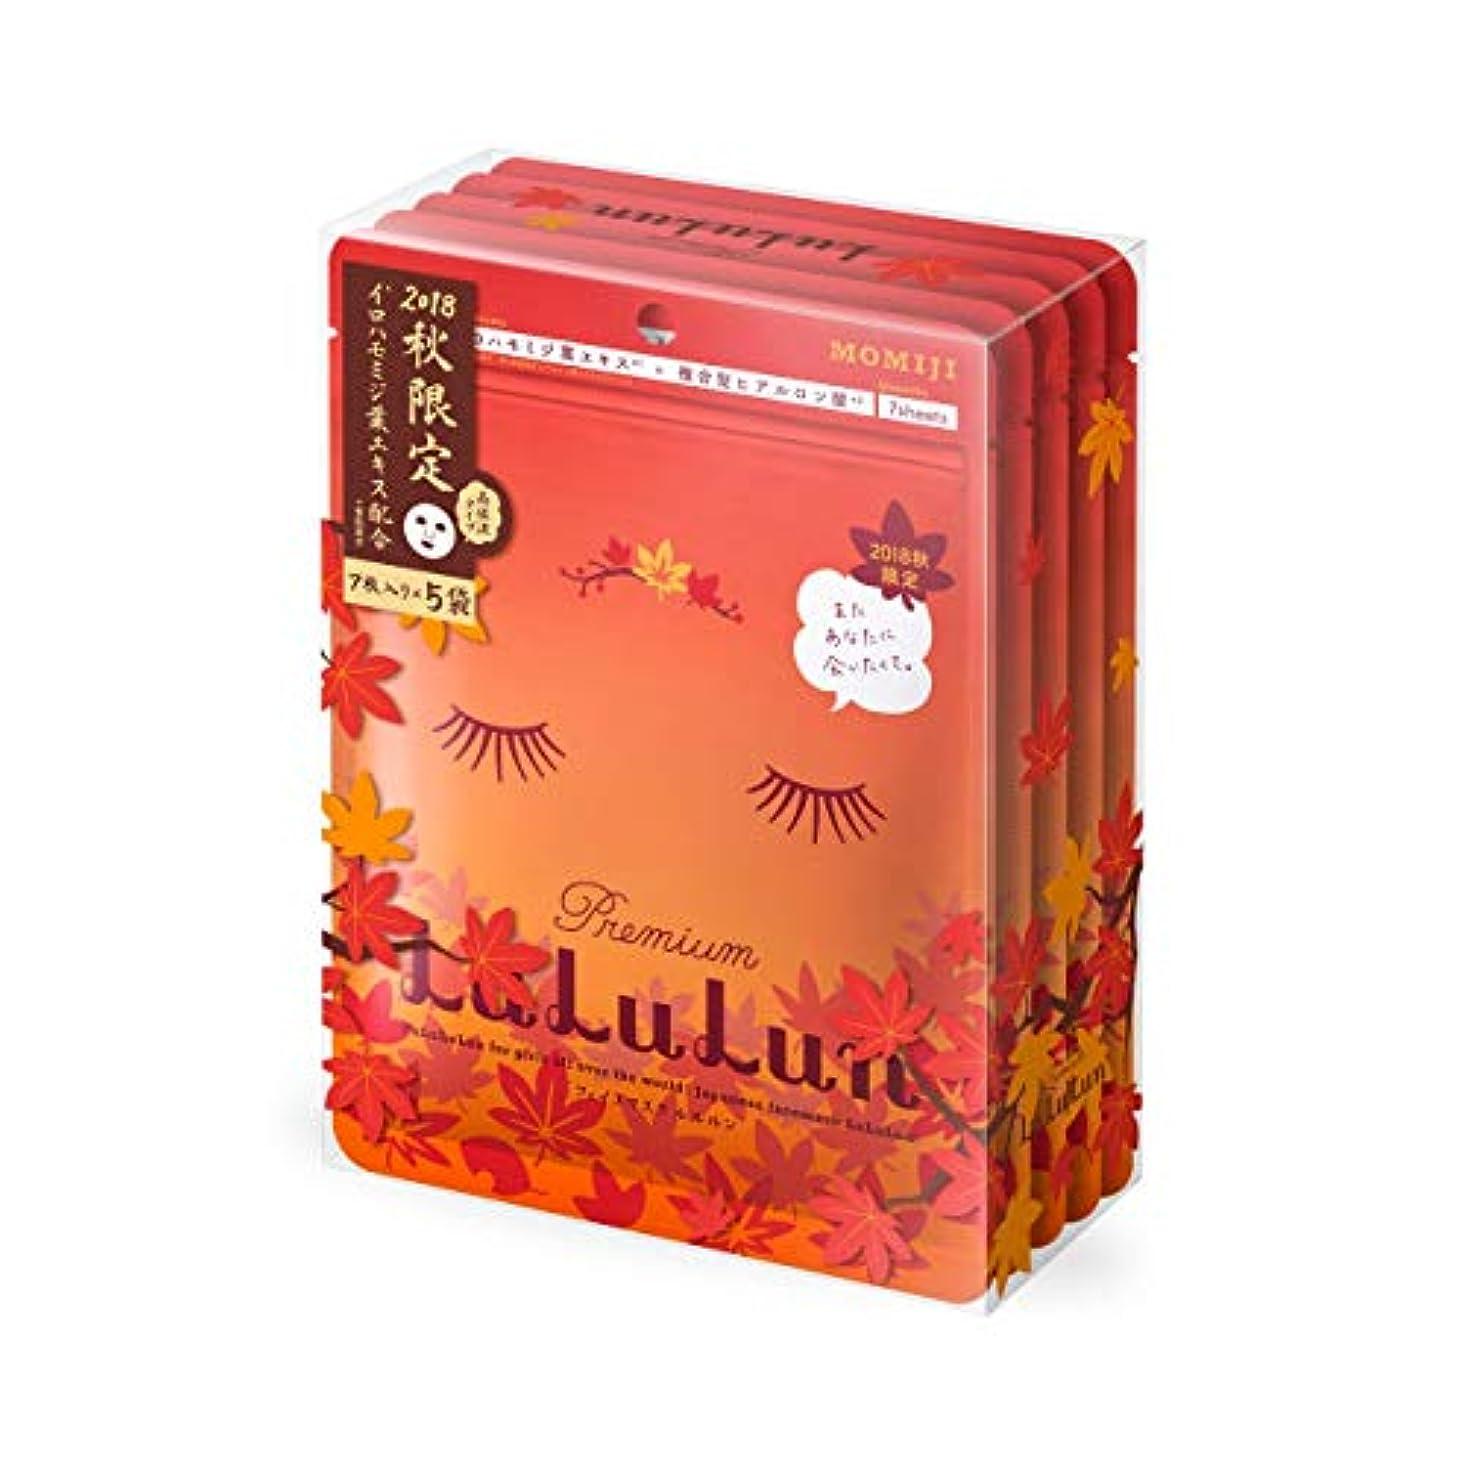 遊具縁石連続的【数量限定】2018年 秋 限定 紅葉 プレミアム ルルルン 7枚入り × 5袋